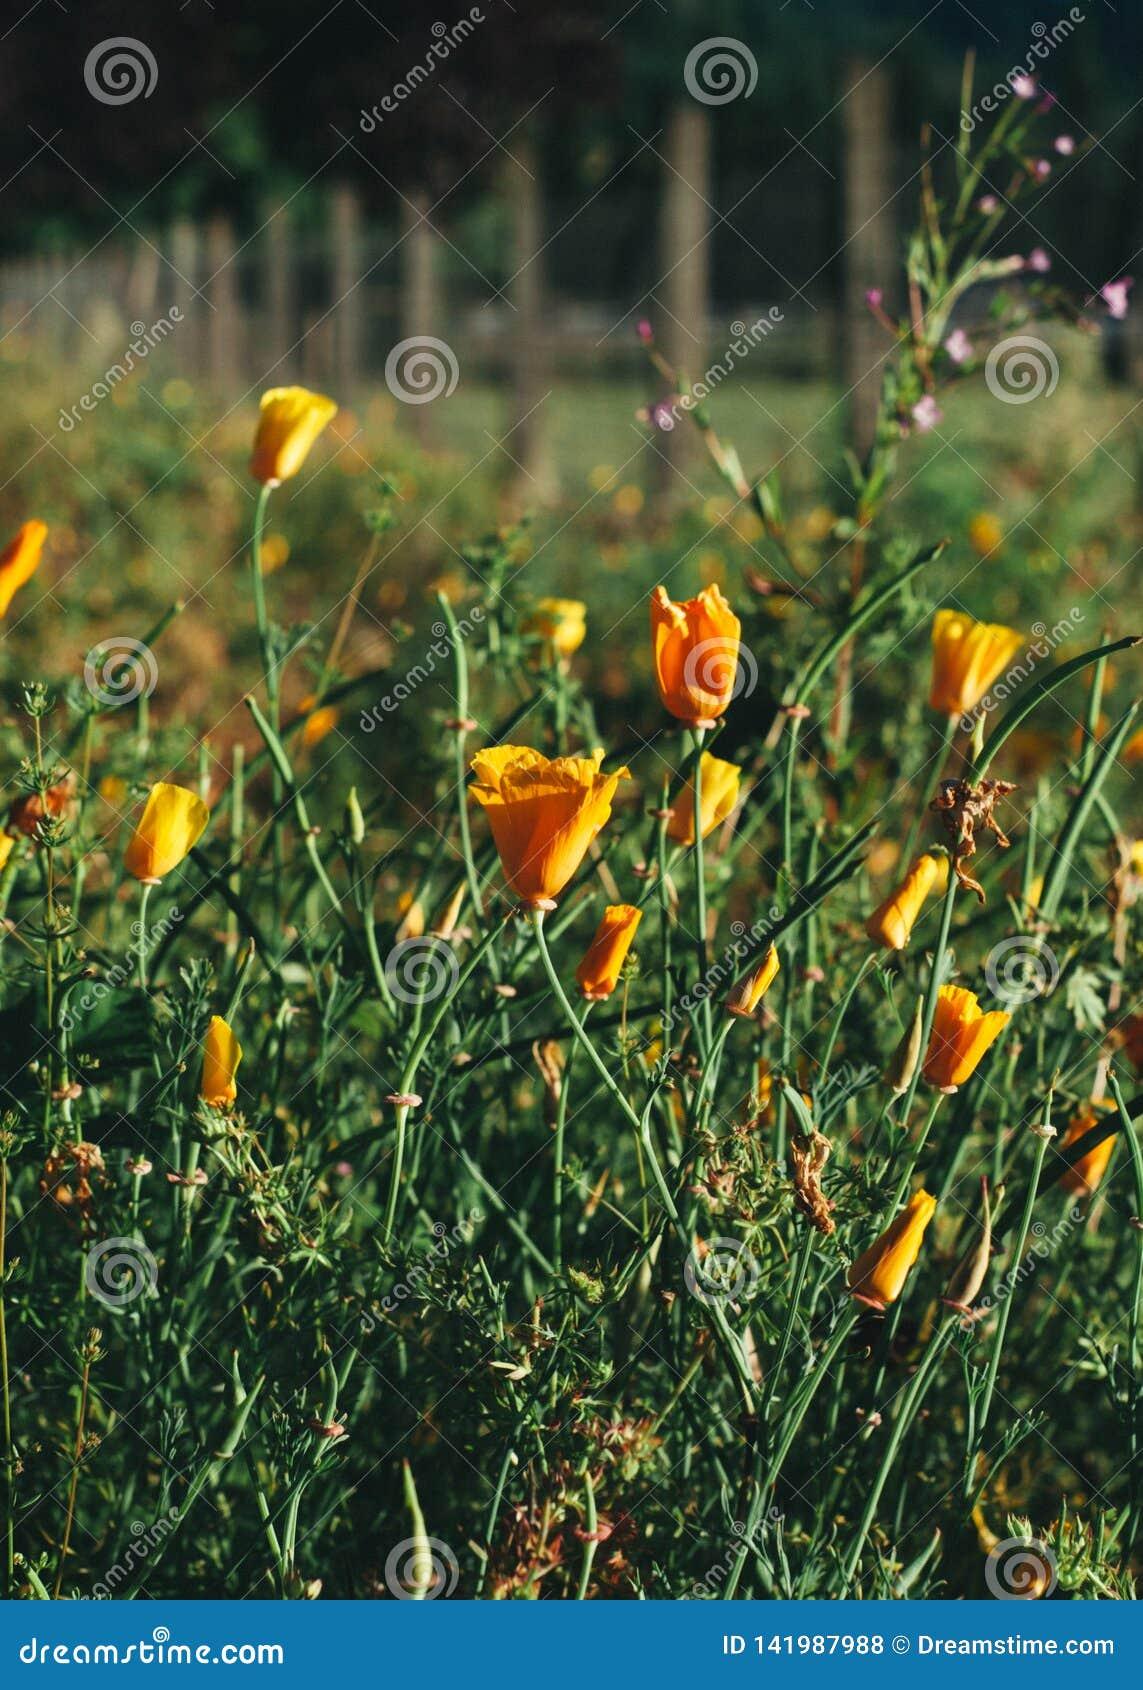 Poppy Field along Fence